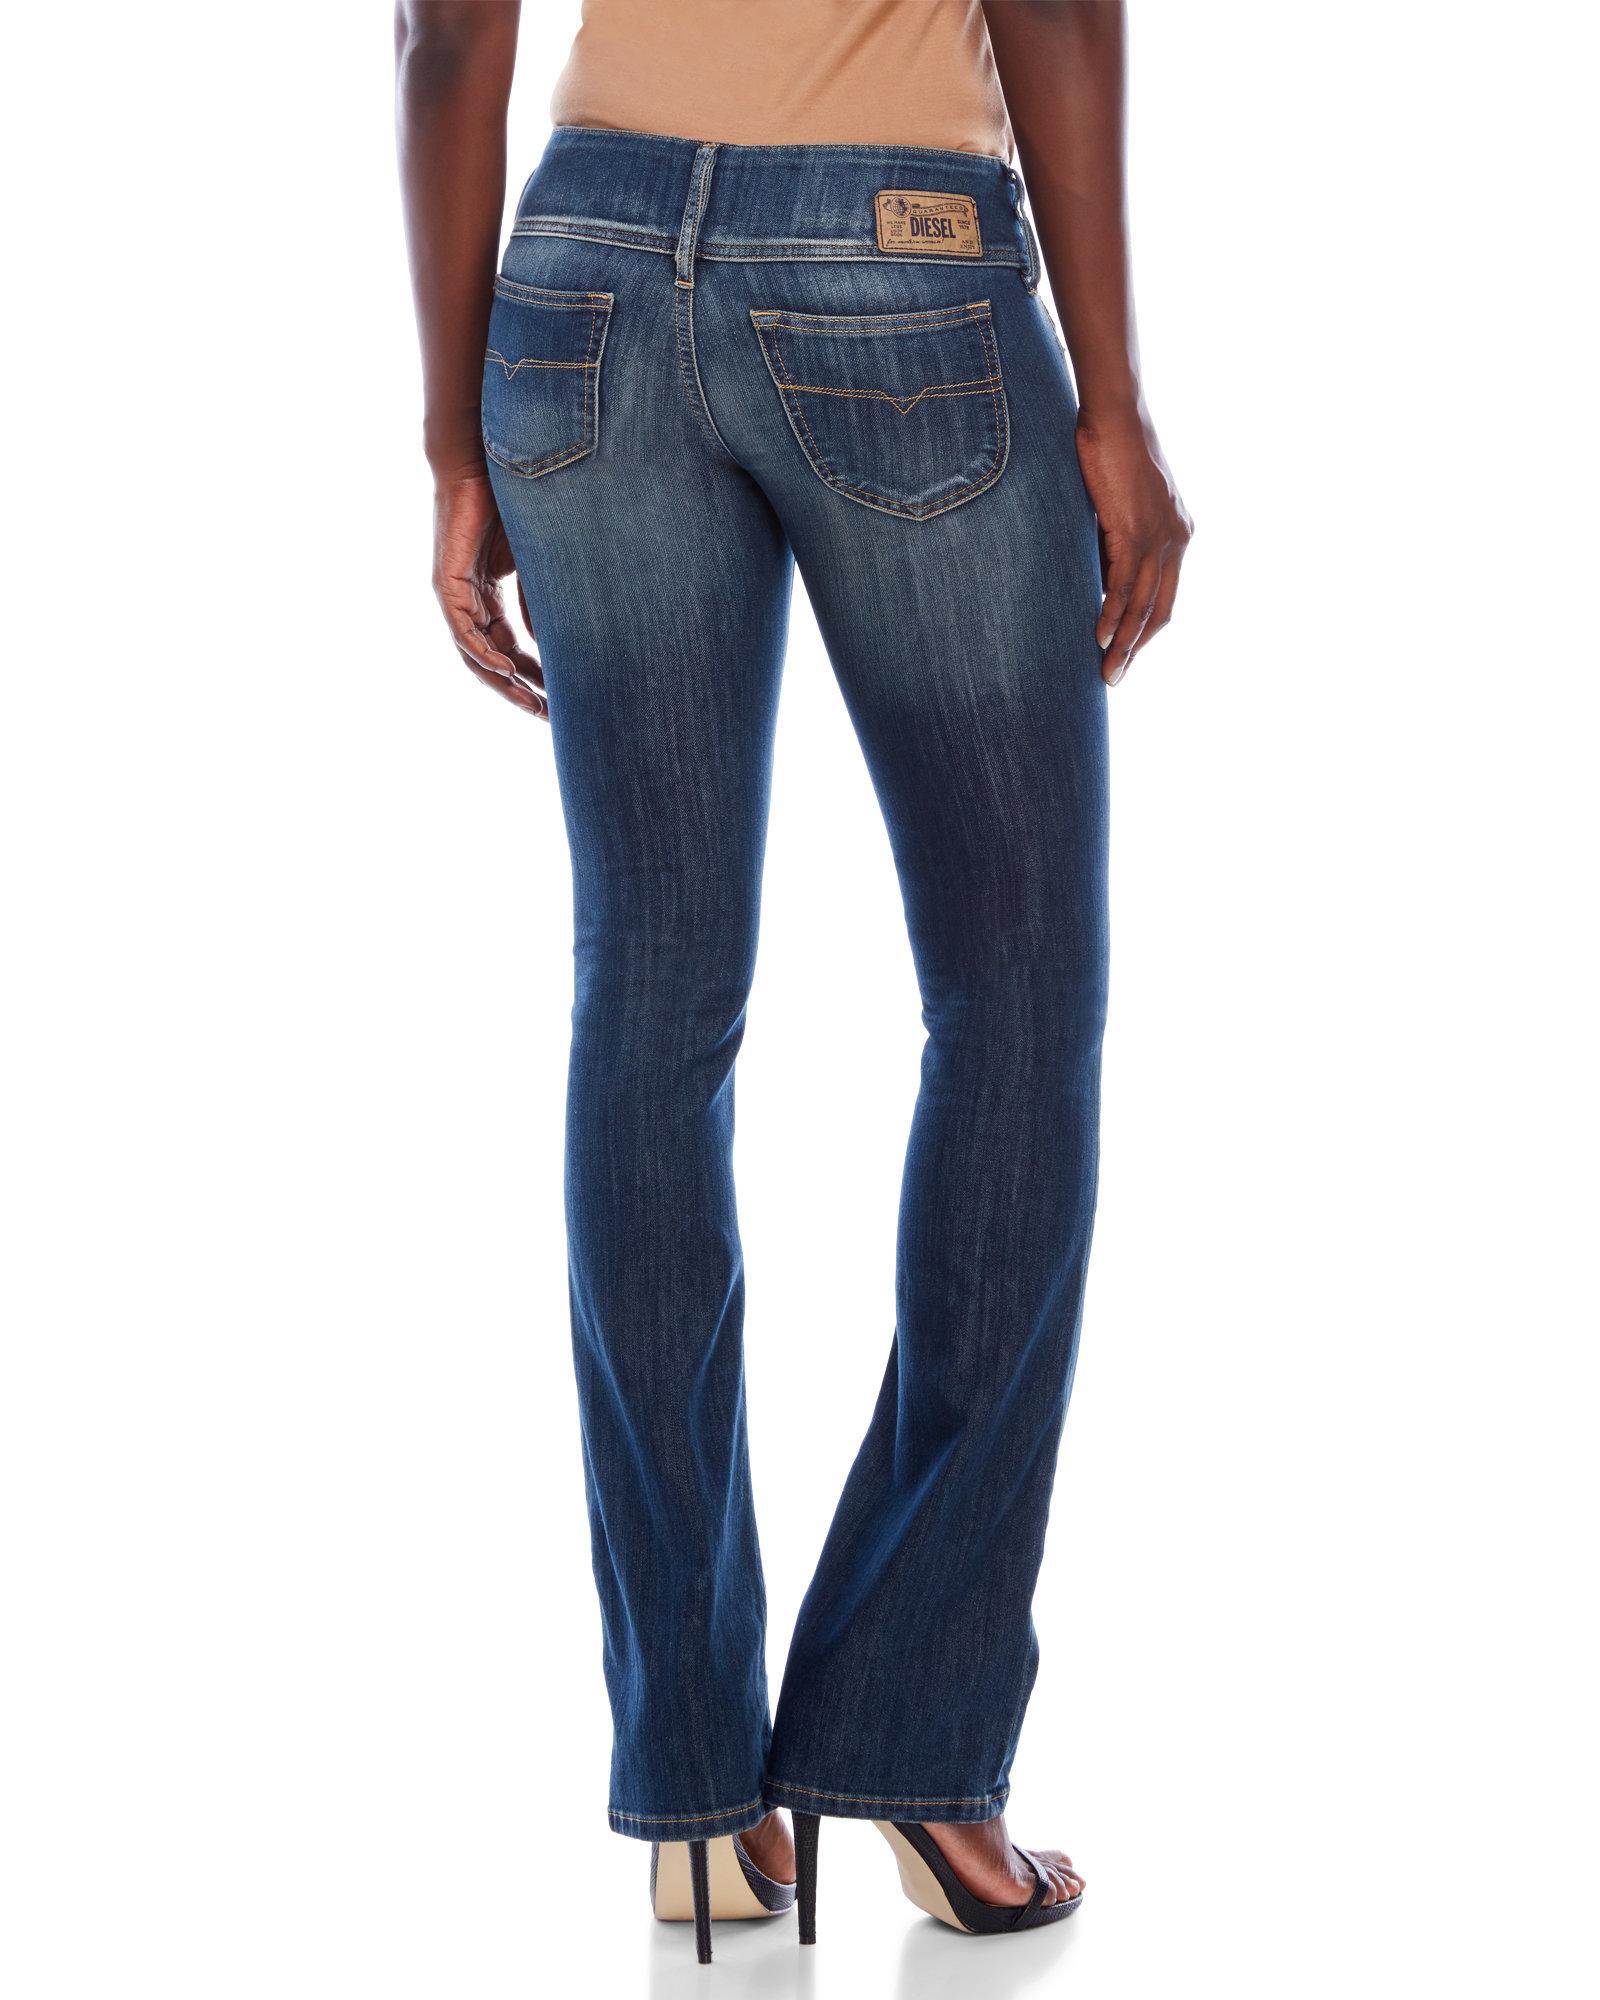 Diesel Denim Cherock Regular Slim Bootcut Jeans In Dark